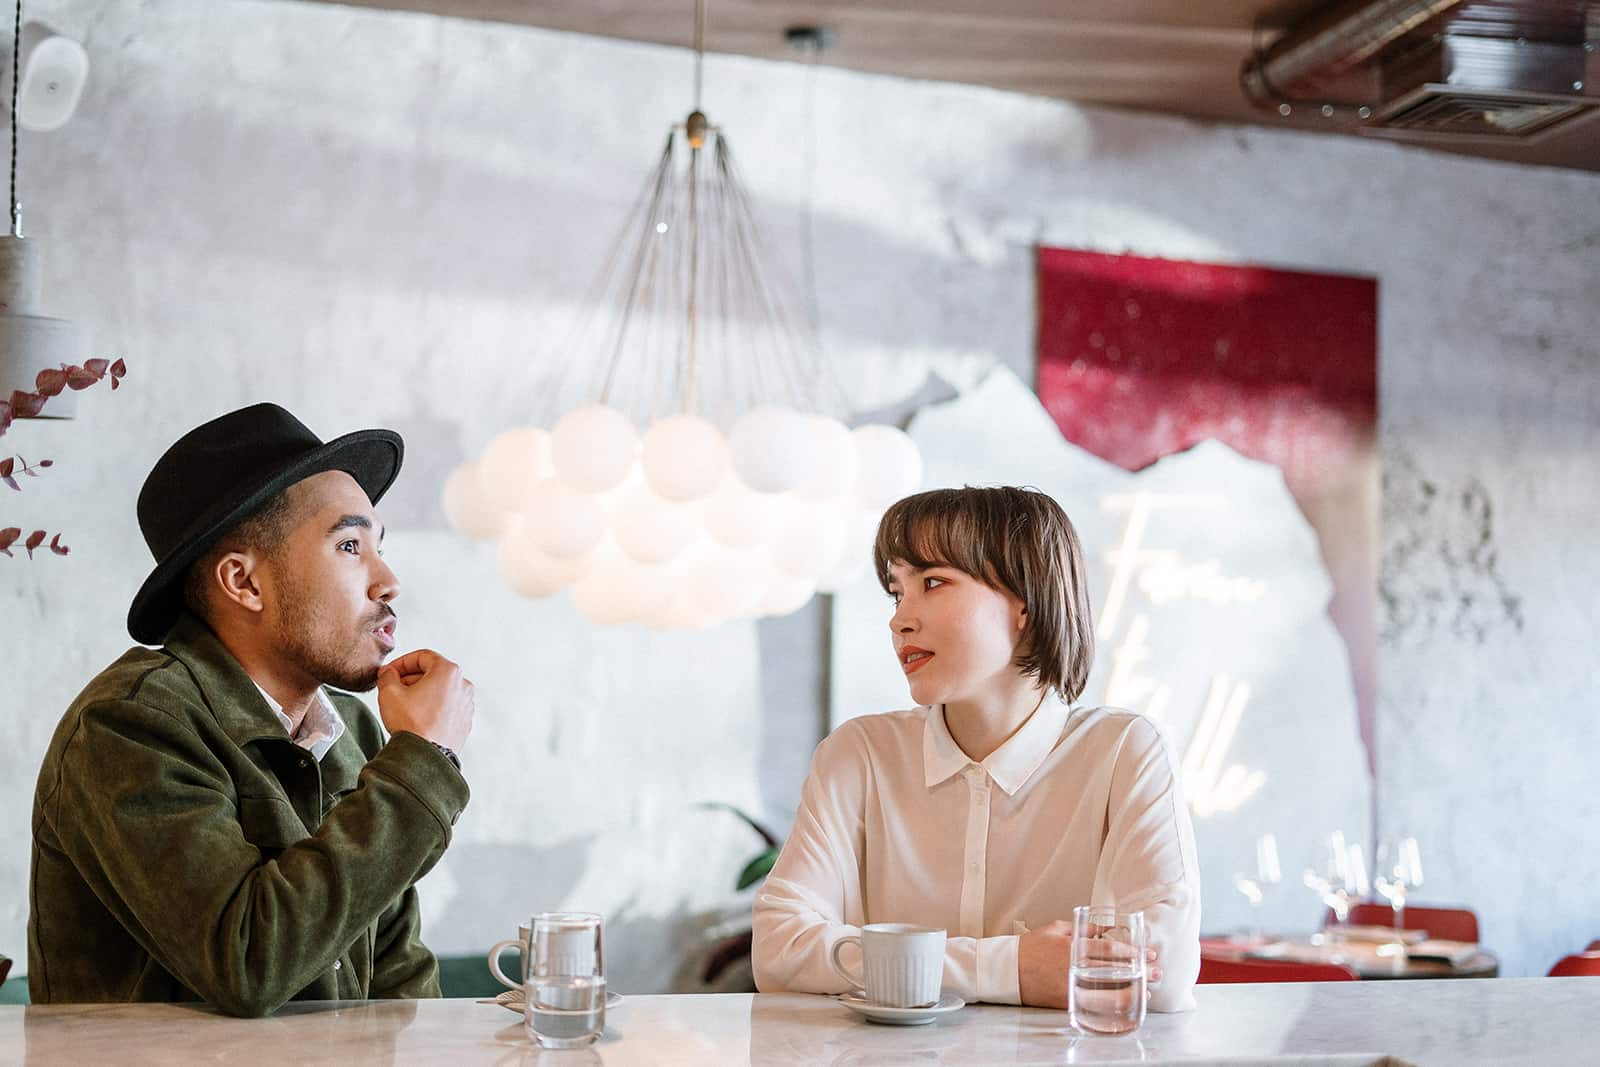 un homme ayant une conversation honnête avec une femme dans un café